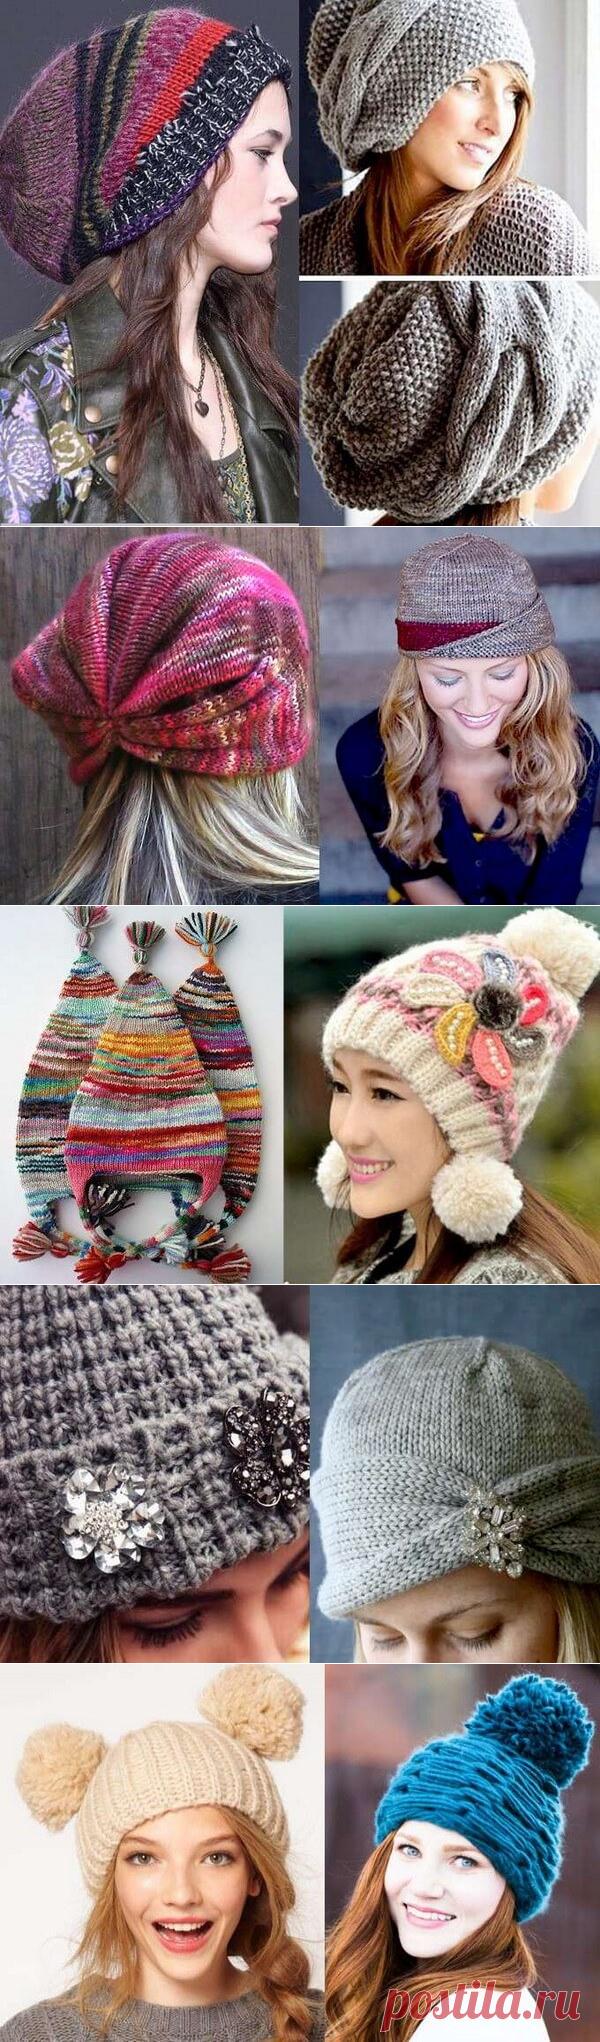 Модные женские шапки 2019-2020 – актуальные тренды и фасоны   Чаровница и проказница